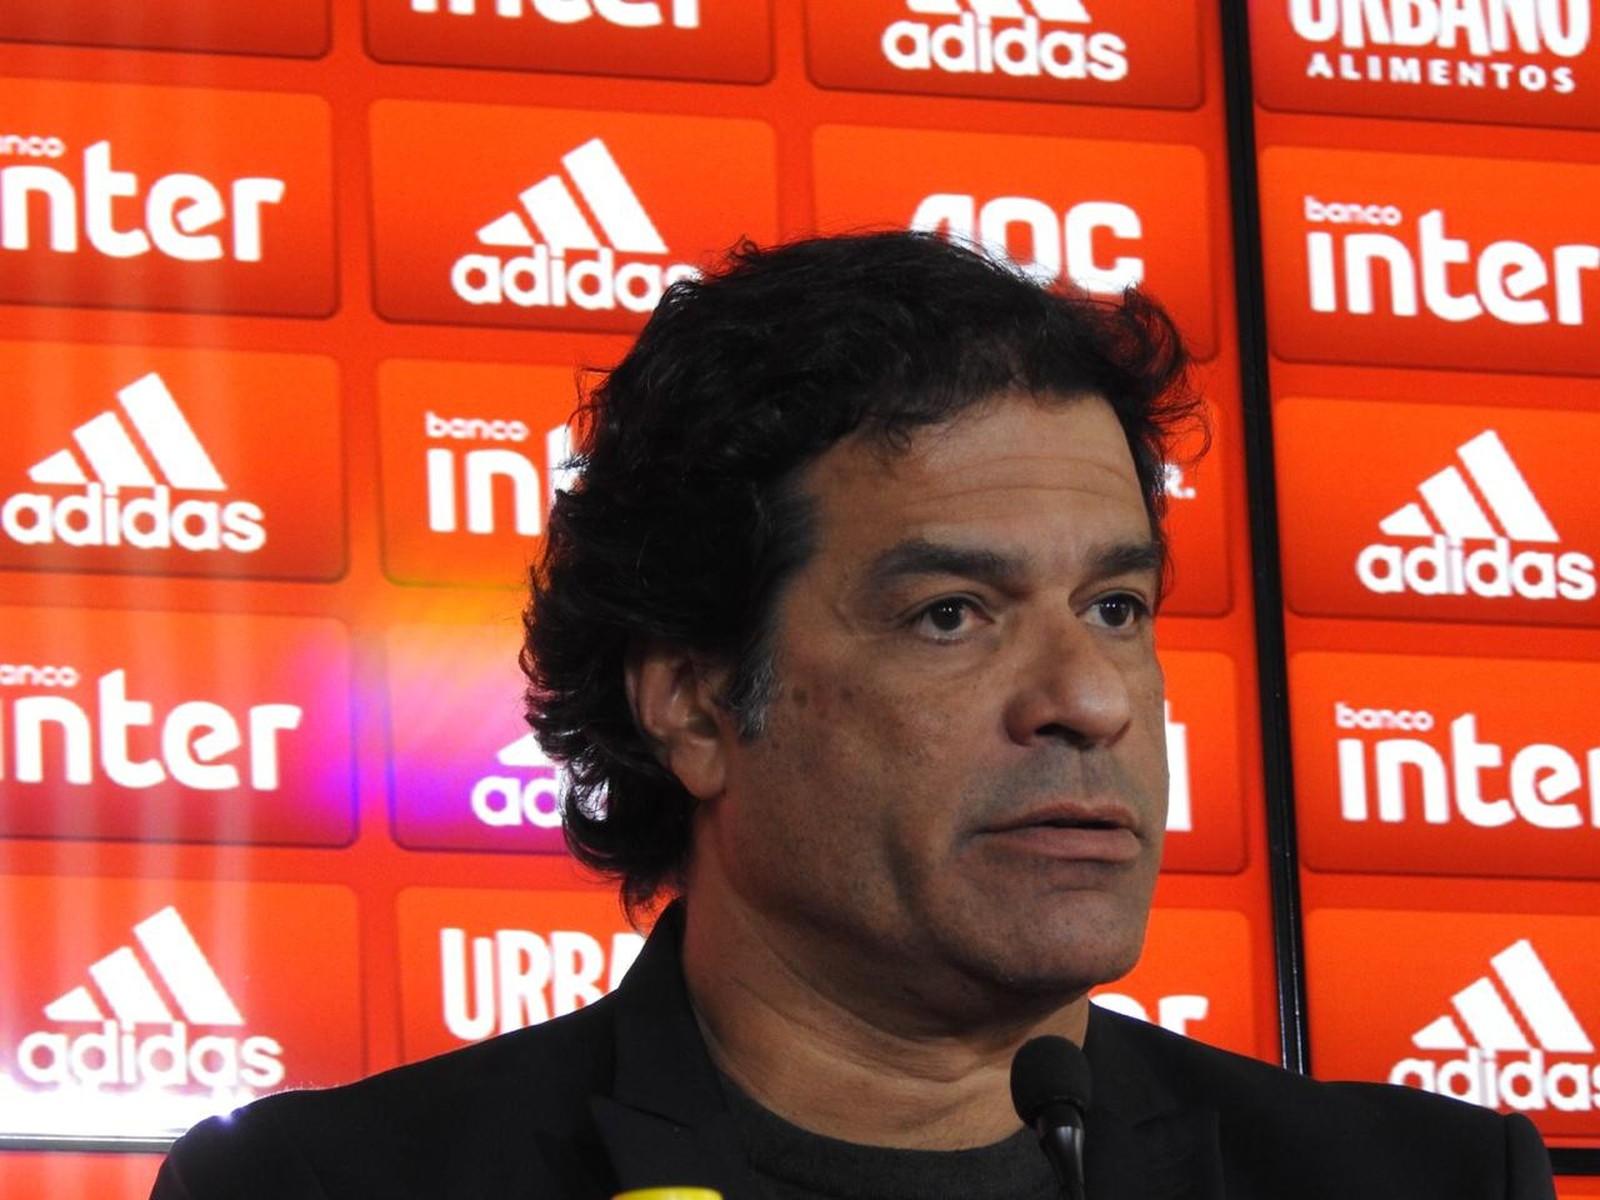 Se algumas manchas na imagem de ídolo acontecerem, tudo bem, diz Raí, dirigente do São Paulo